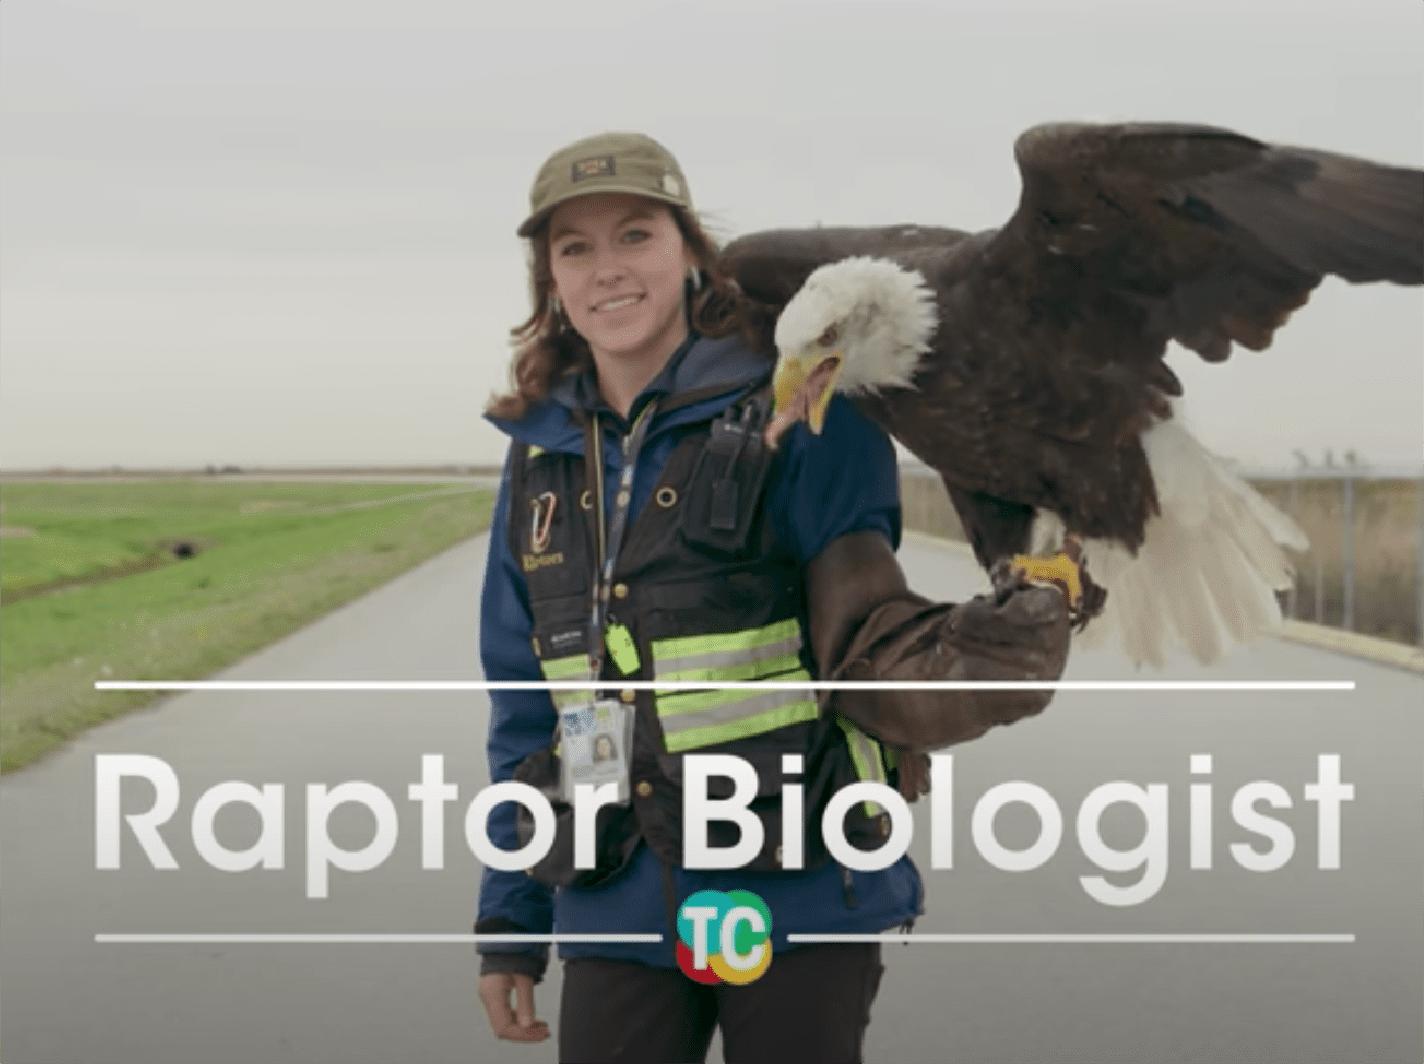 Raptor Biologist TC Partner Banner